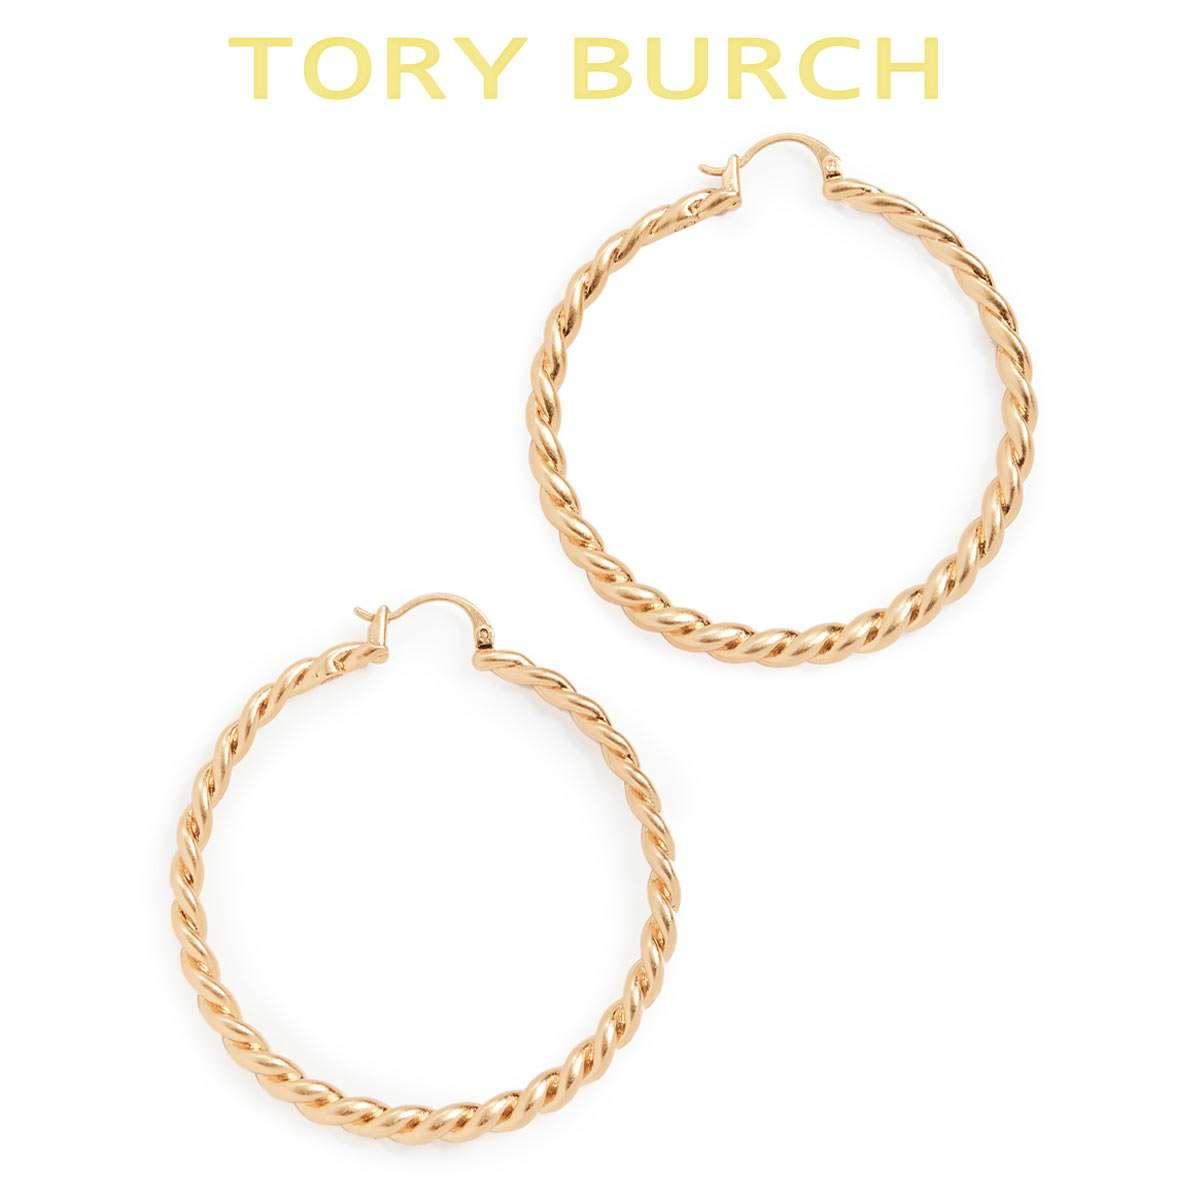 トリーバーチ ピアス フープ 日本メーカー新品 かわいい ゆれる ブランド Tory レディース Burch 直営限定アウトレット プレゼント 人気